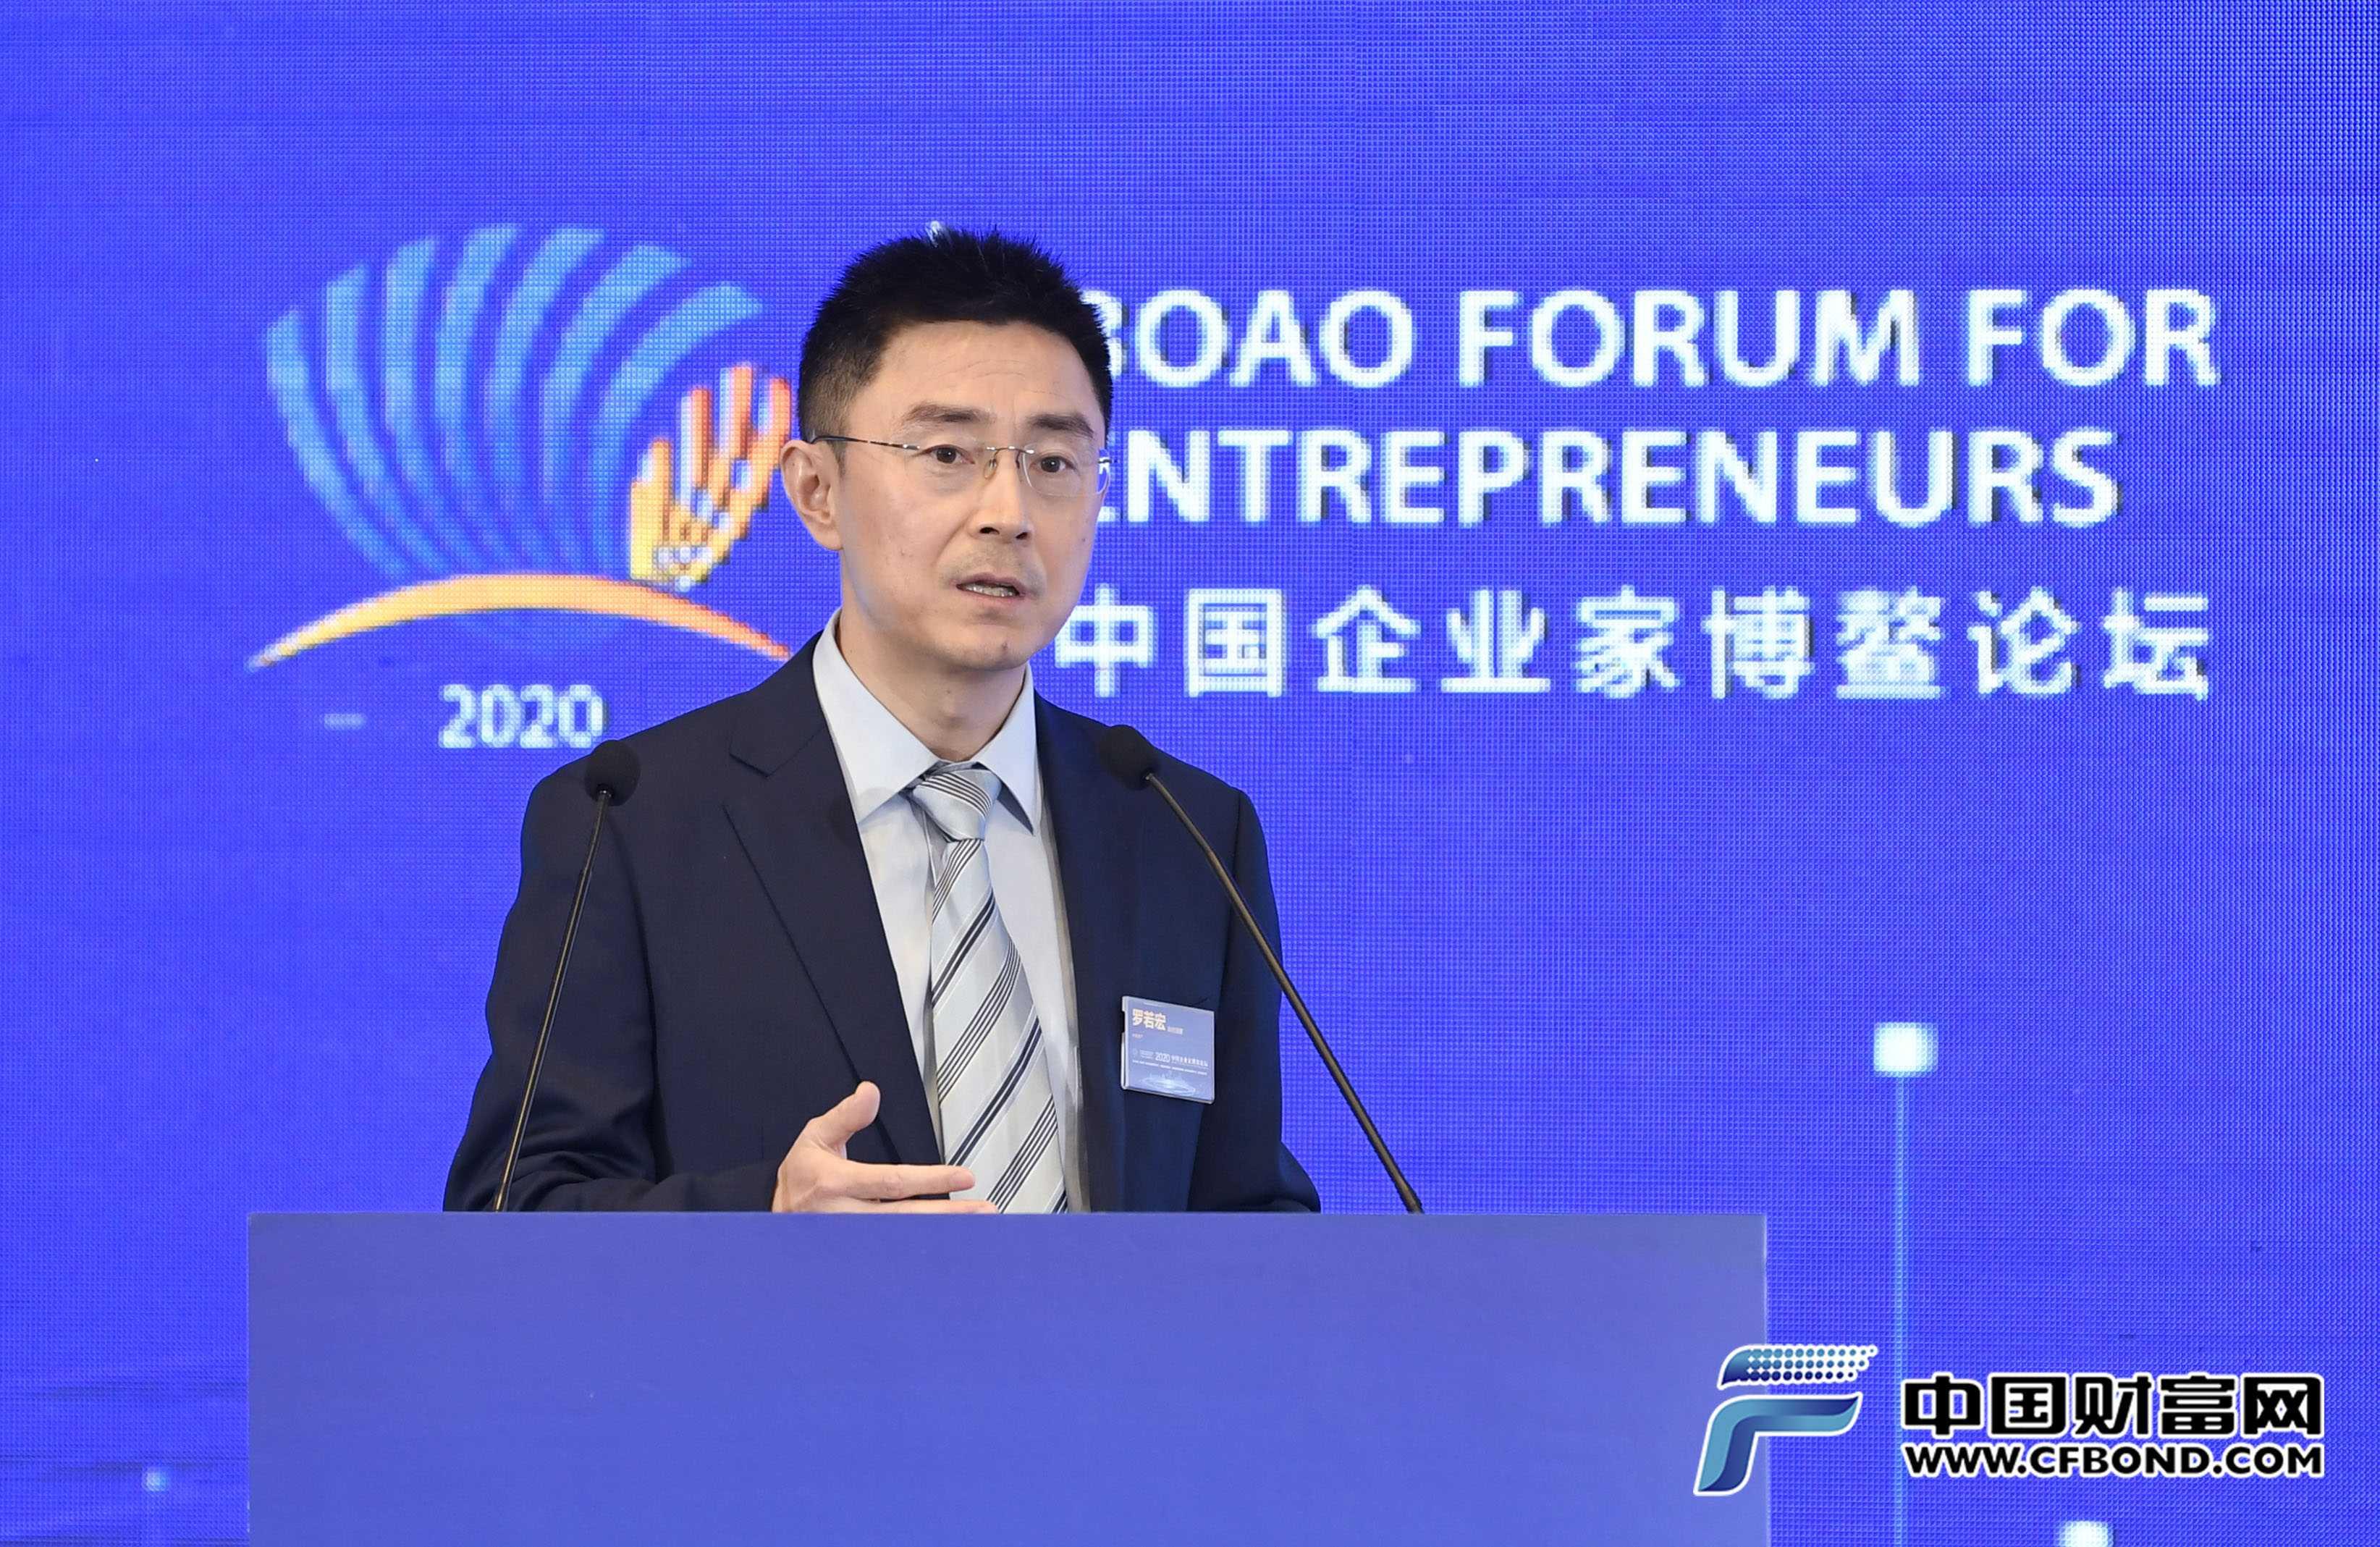 中再资产管理有限公司副总经理罗若宏发表主旨演讲